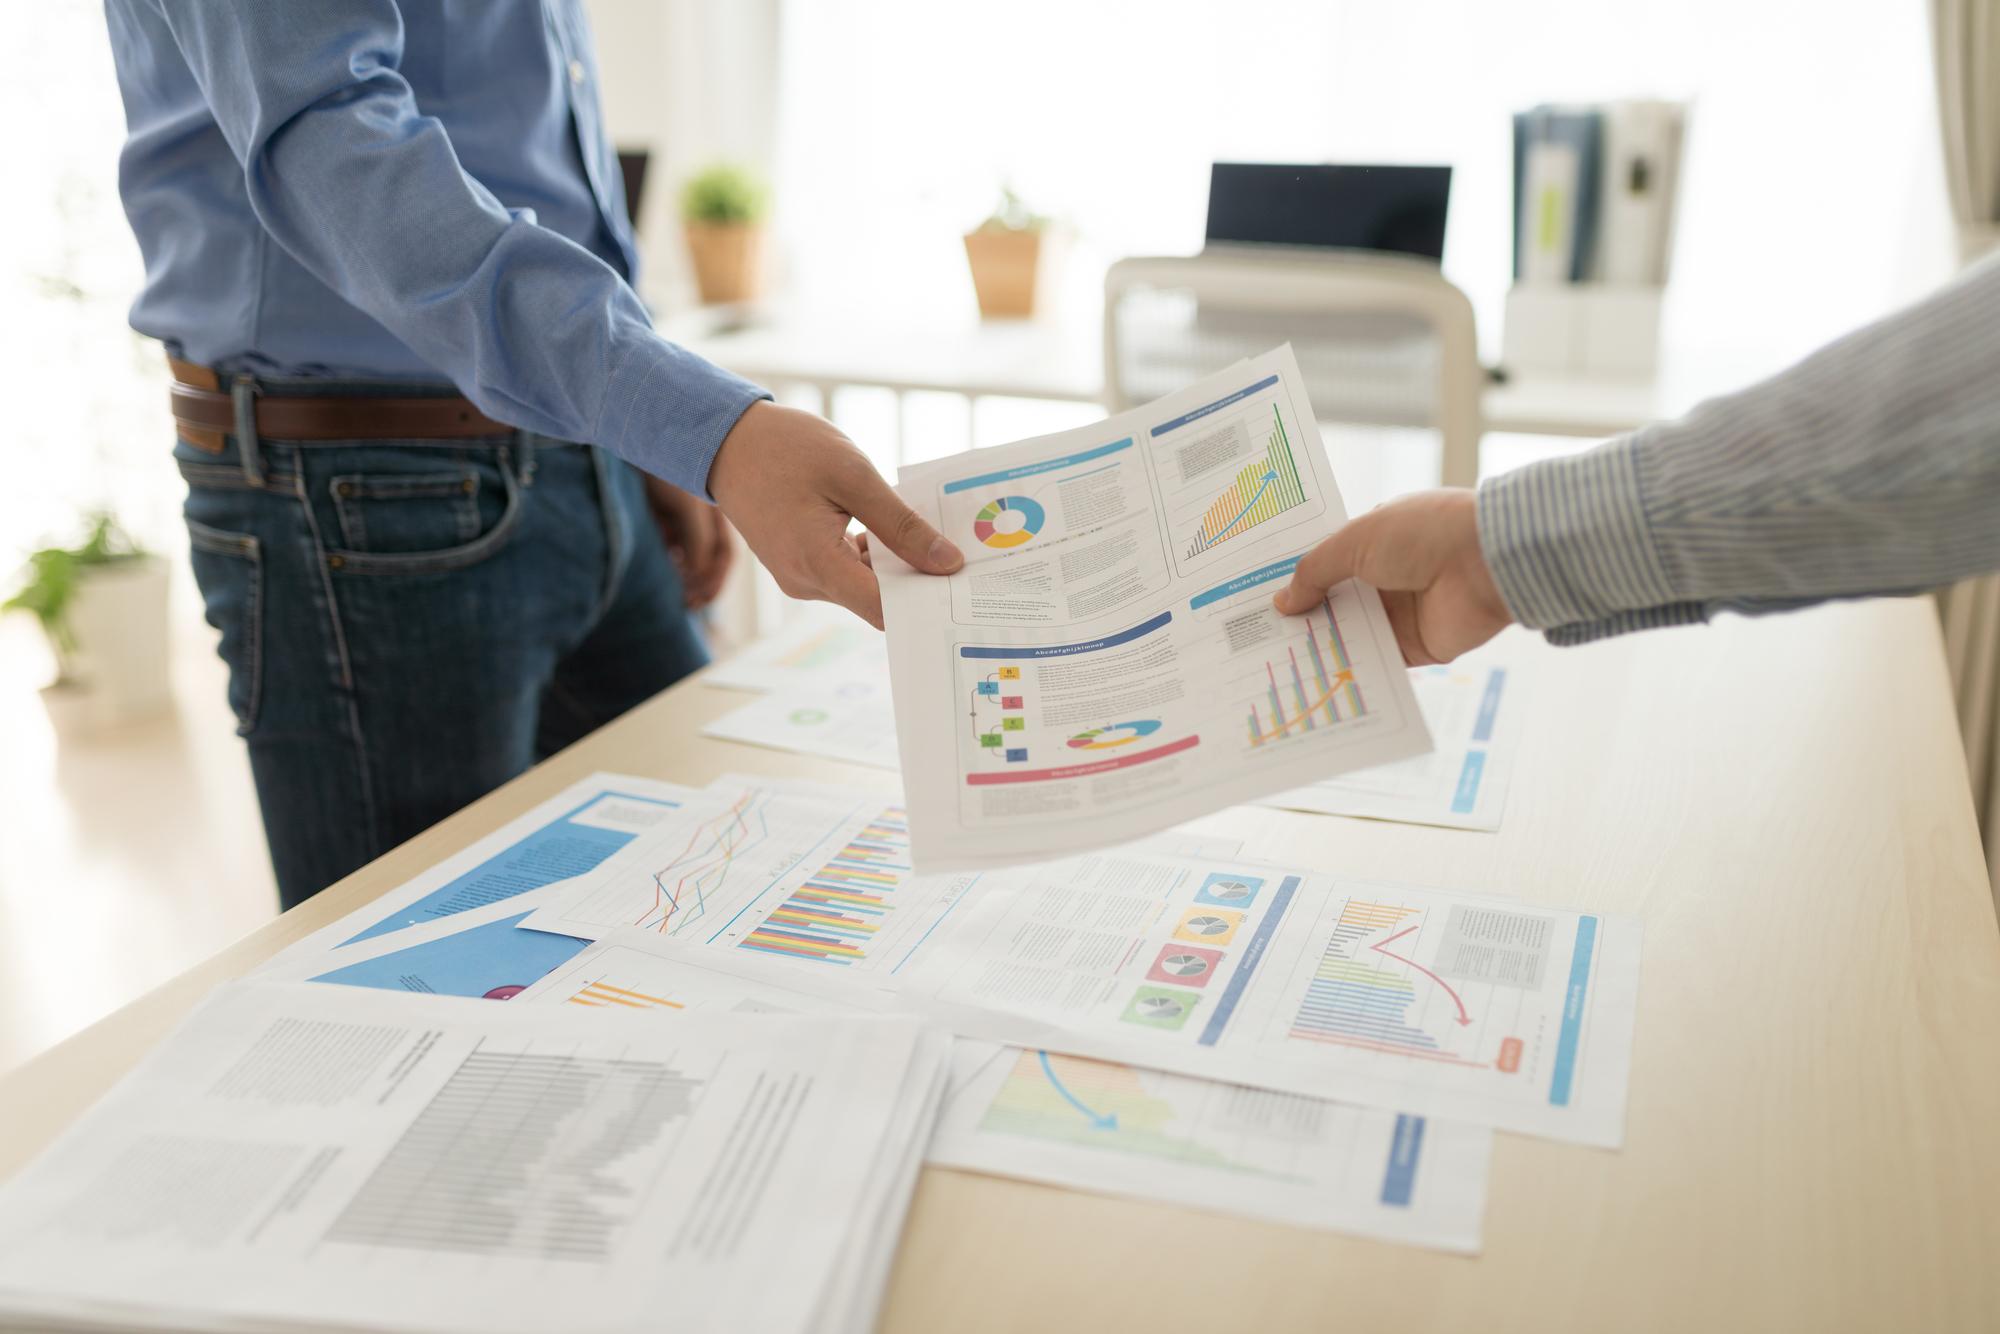 業務効率200%UP!アフィリエイトを加速させる便利なマーケティングツール17選【無料多め】